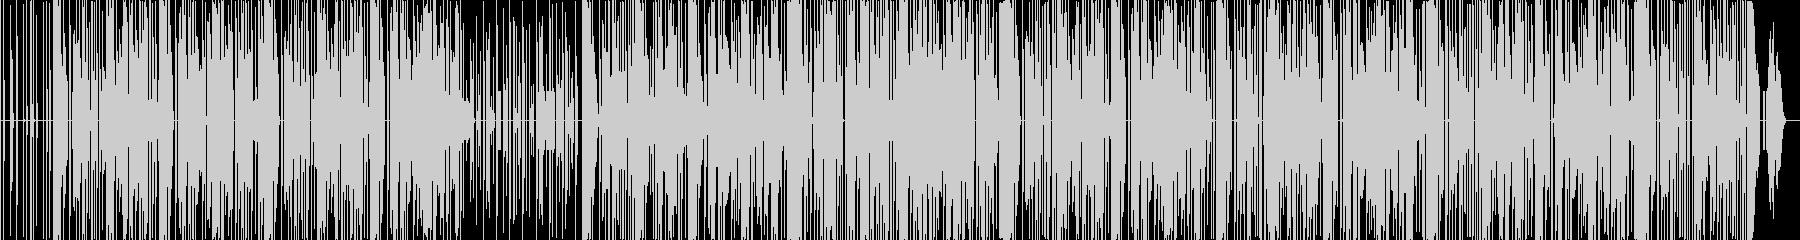 懐かしいパズル系ゲームサウンド風BGMの未再生の波形